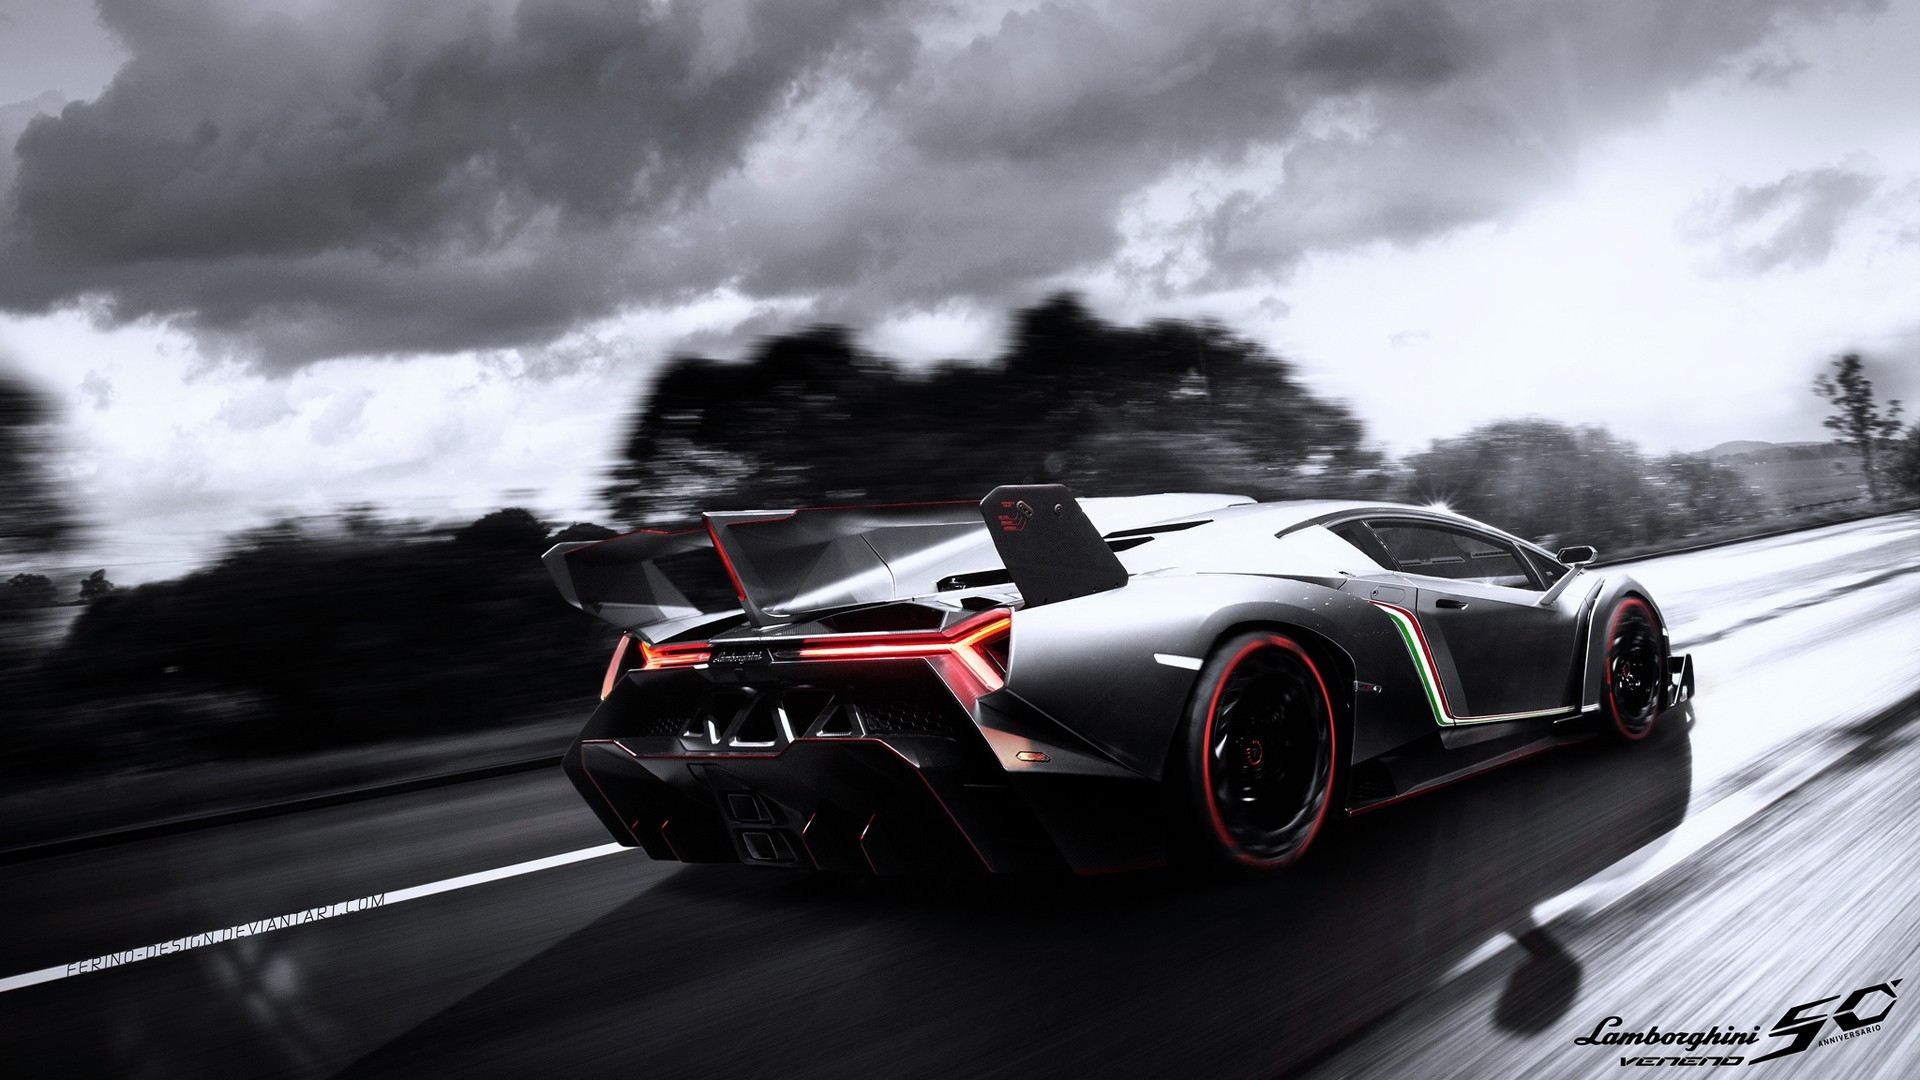 Free download Download Lamborghini Wallpapers In HD For Desktop